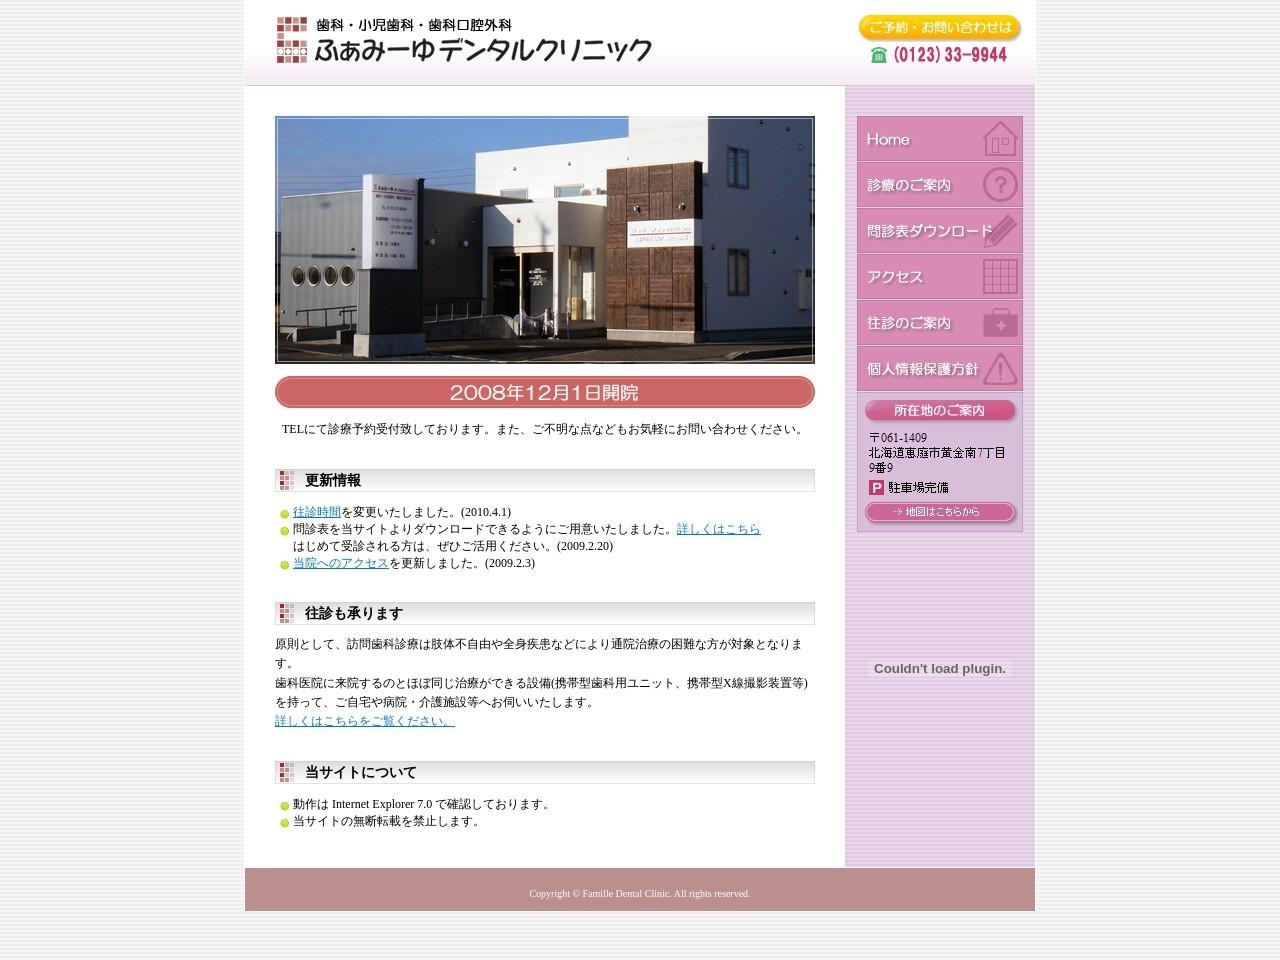 医療法人  ふぁみーゆデンタルクリニック (北海道恵庭市)